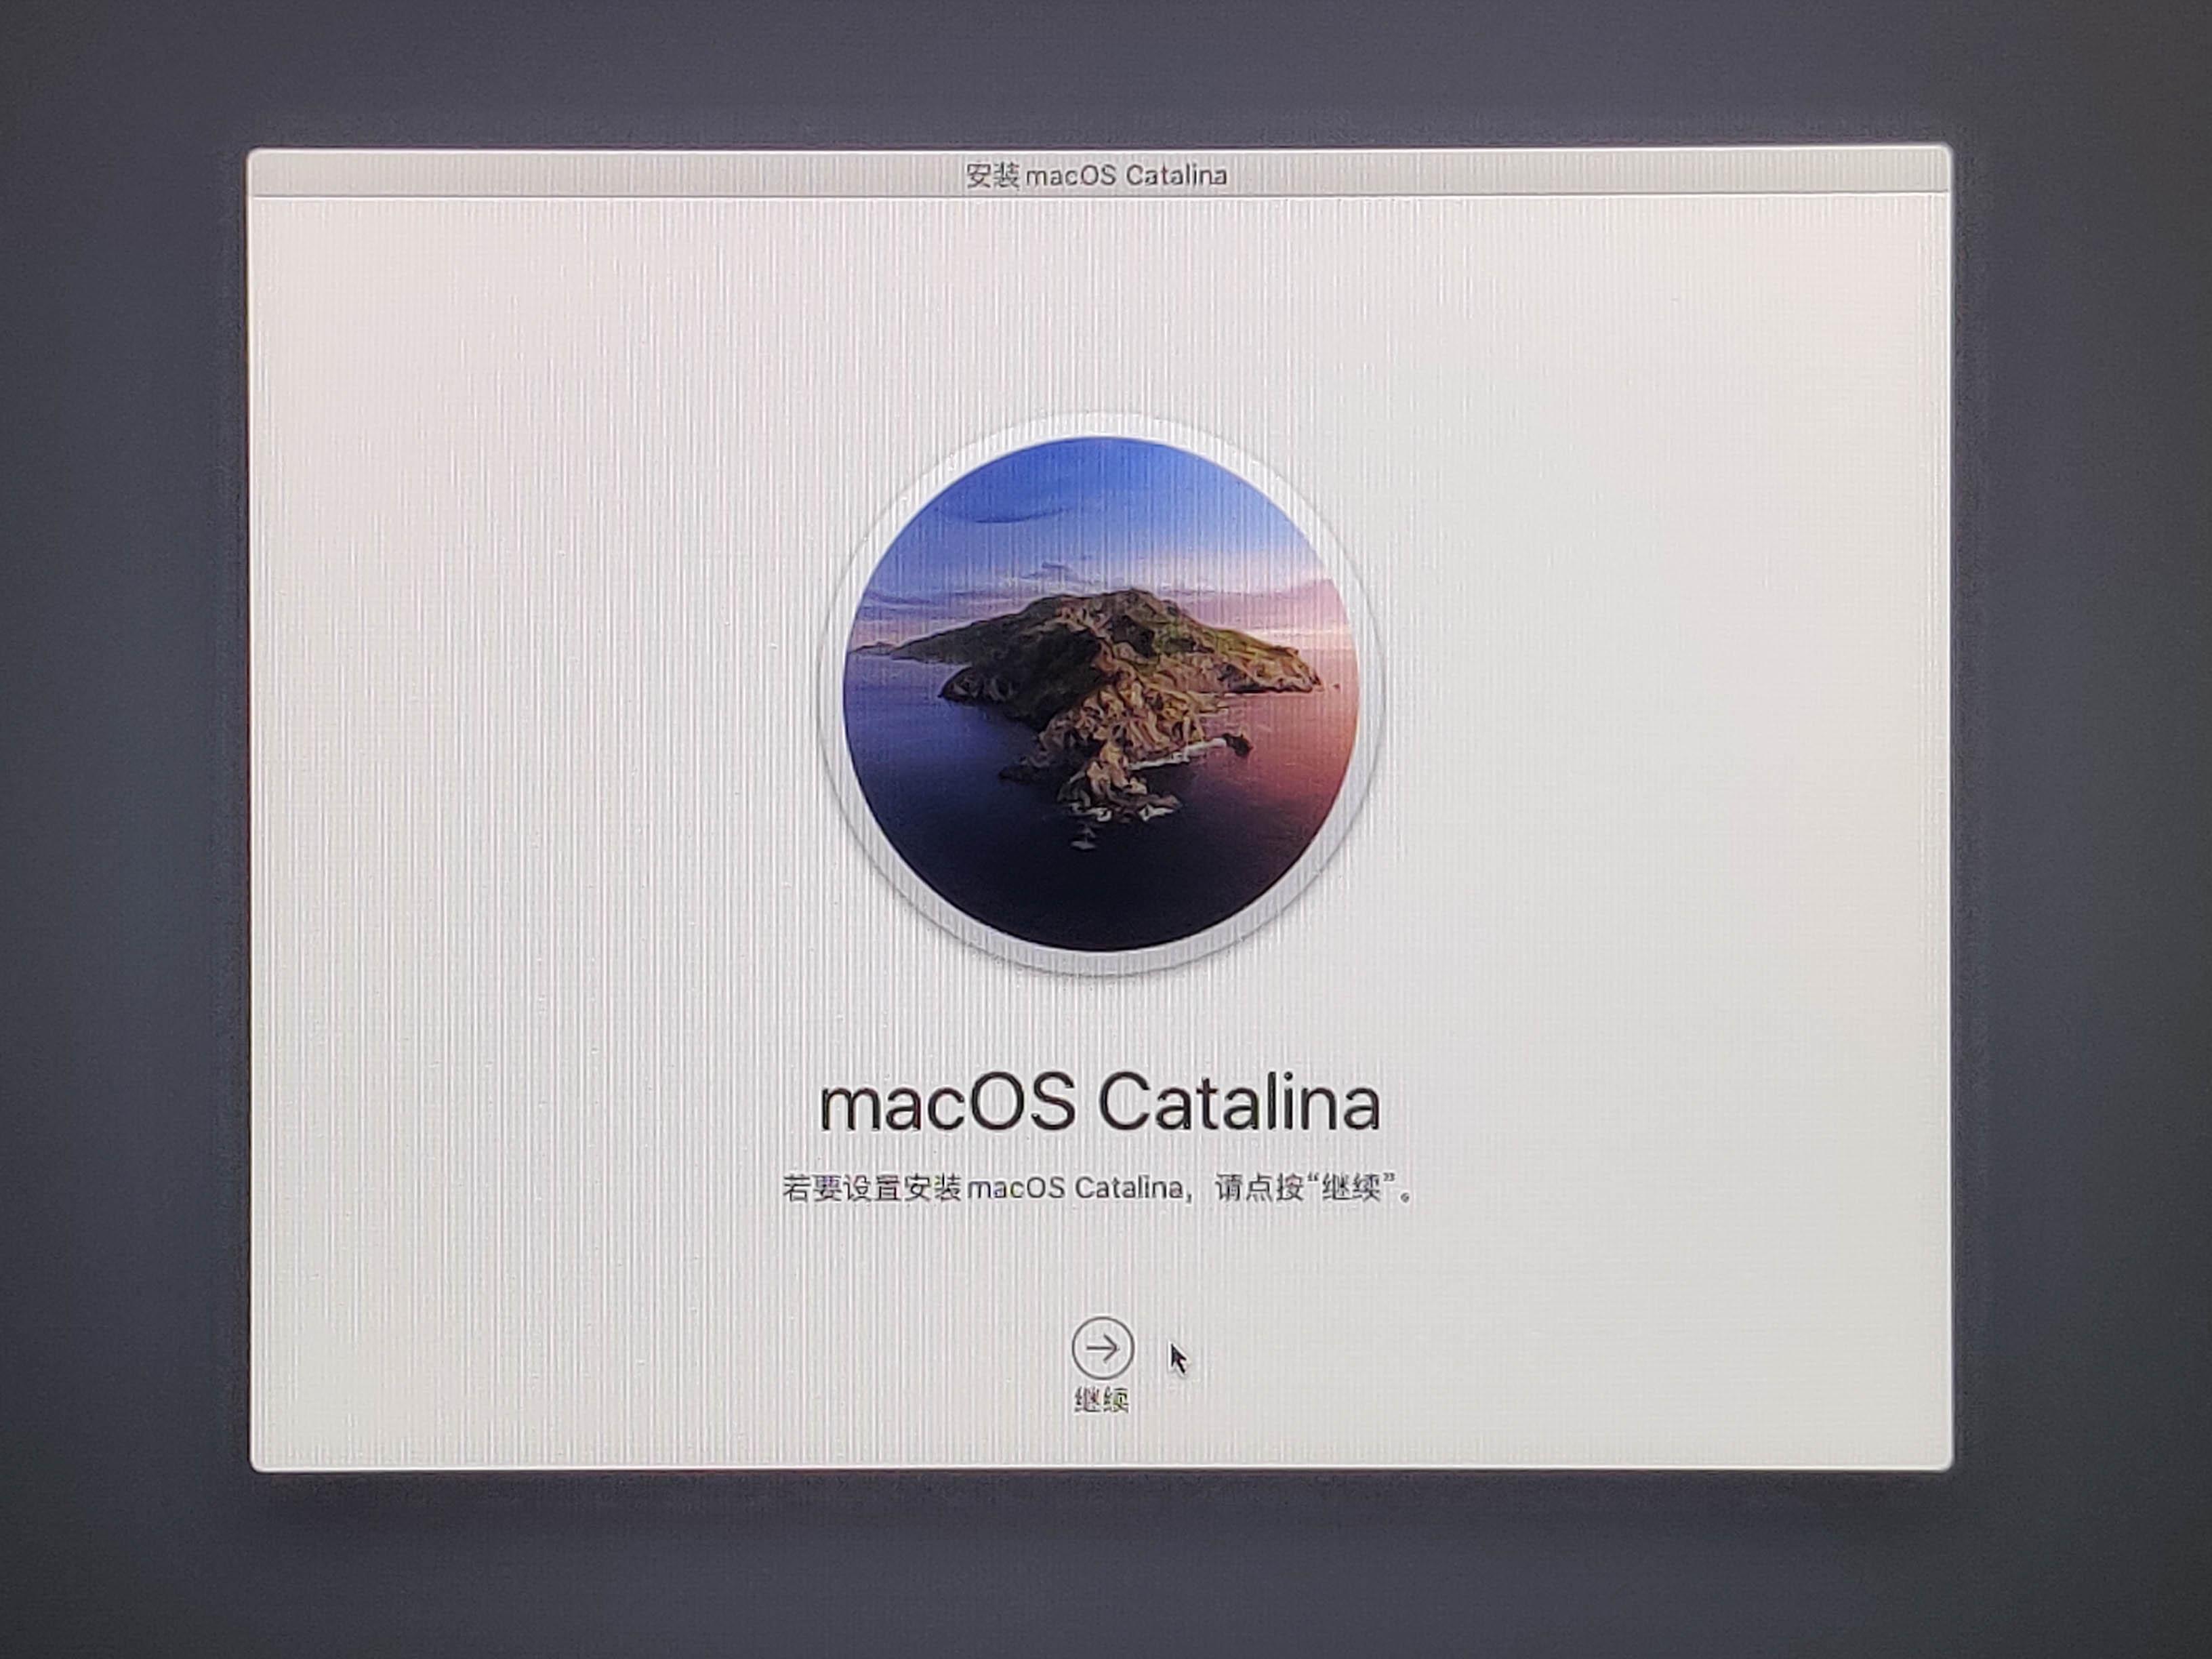 小米笔记本 Pro 如何安装 黑苹果 + Win10 双系统教程插图31